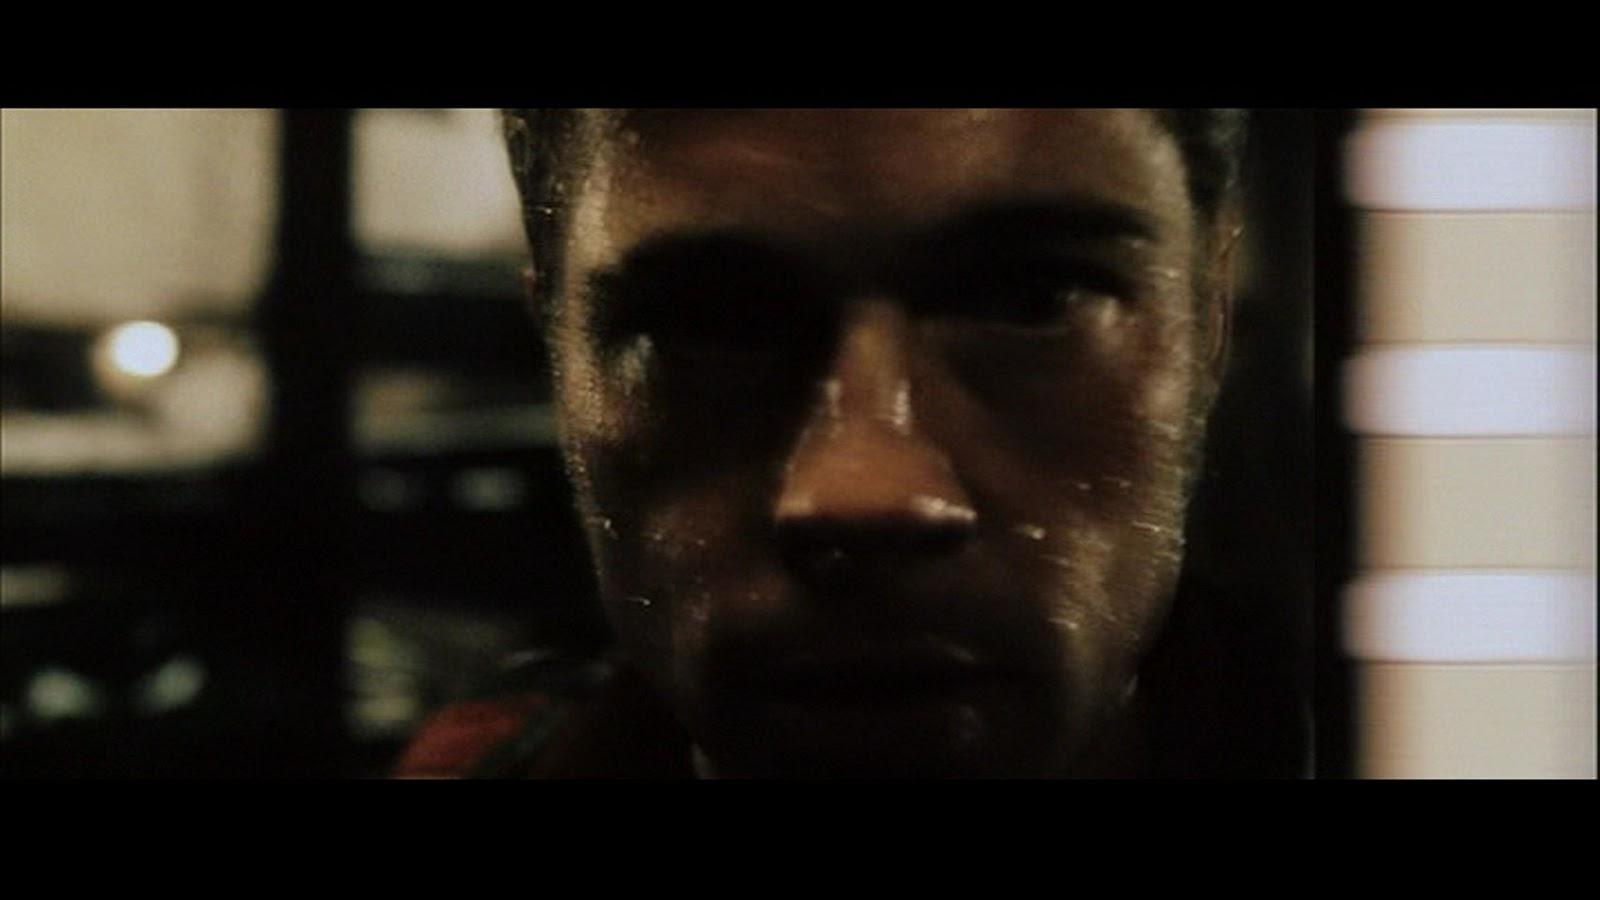 http://1.bp.blogspot.com/_4Itf6TkQqGs/TNHaSO5oTWI/AAAAAAAABjQ/Xtl0vBD7uZo/s1600/Fight-Club-fight-club-5119560-1706-960.jpg